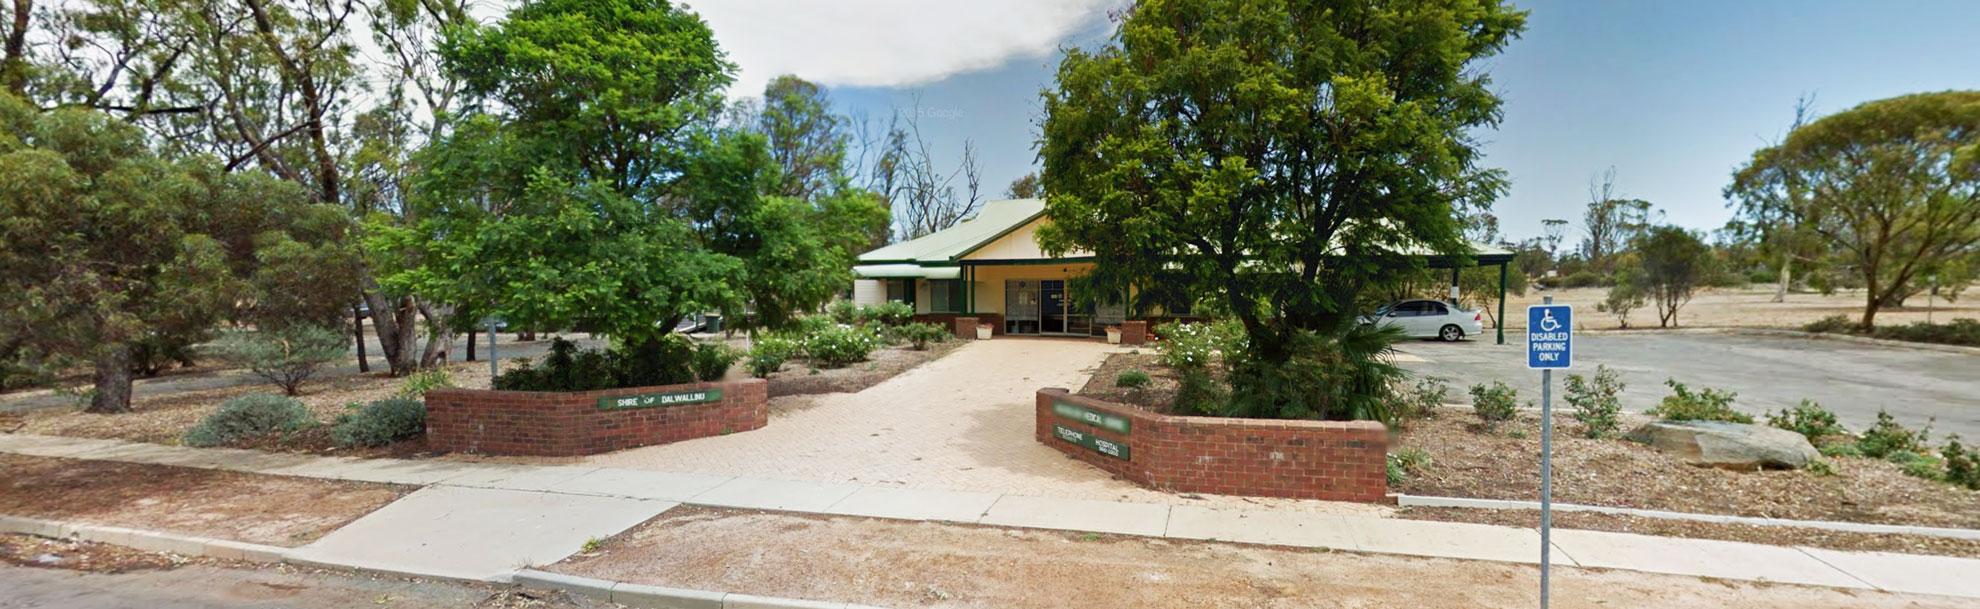 Dalwallinu Medical Centre building